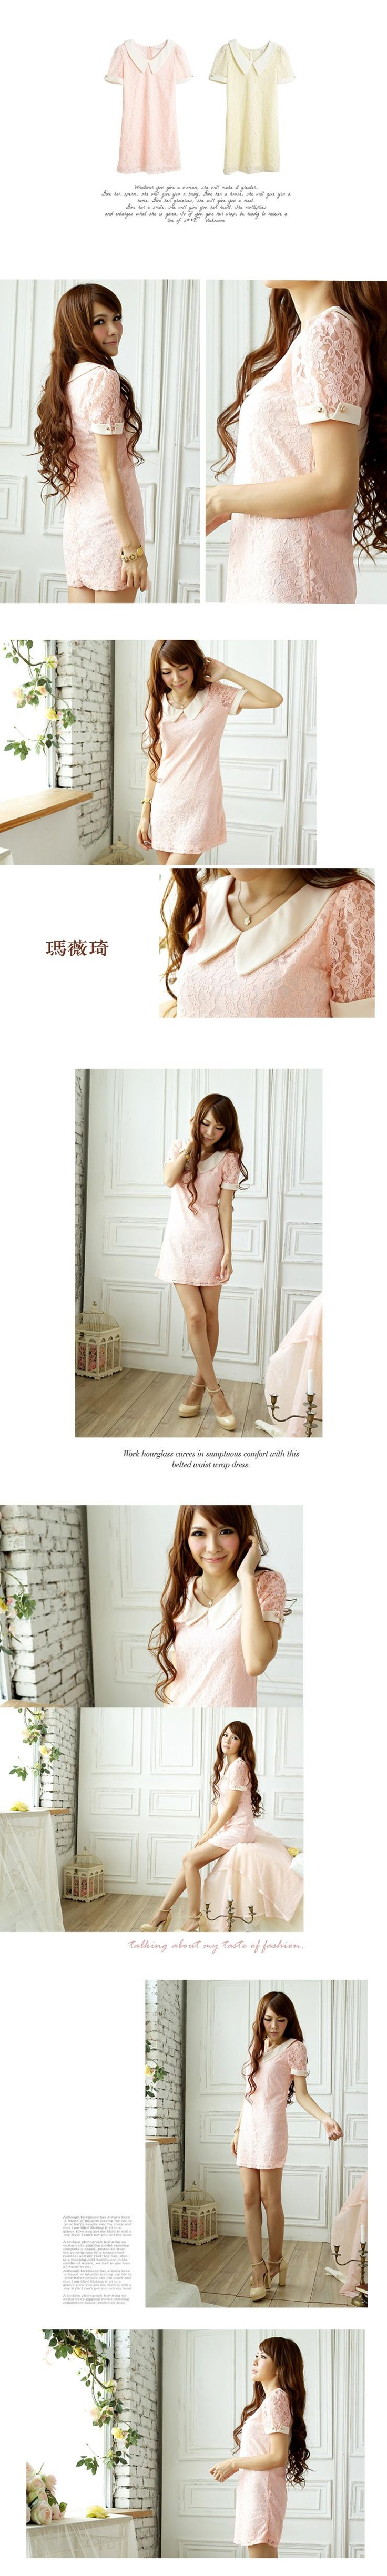 Pale pink. Loooooove this website